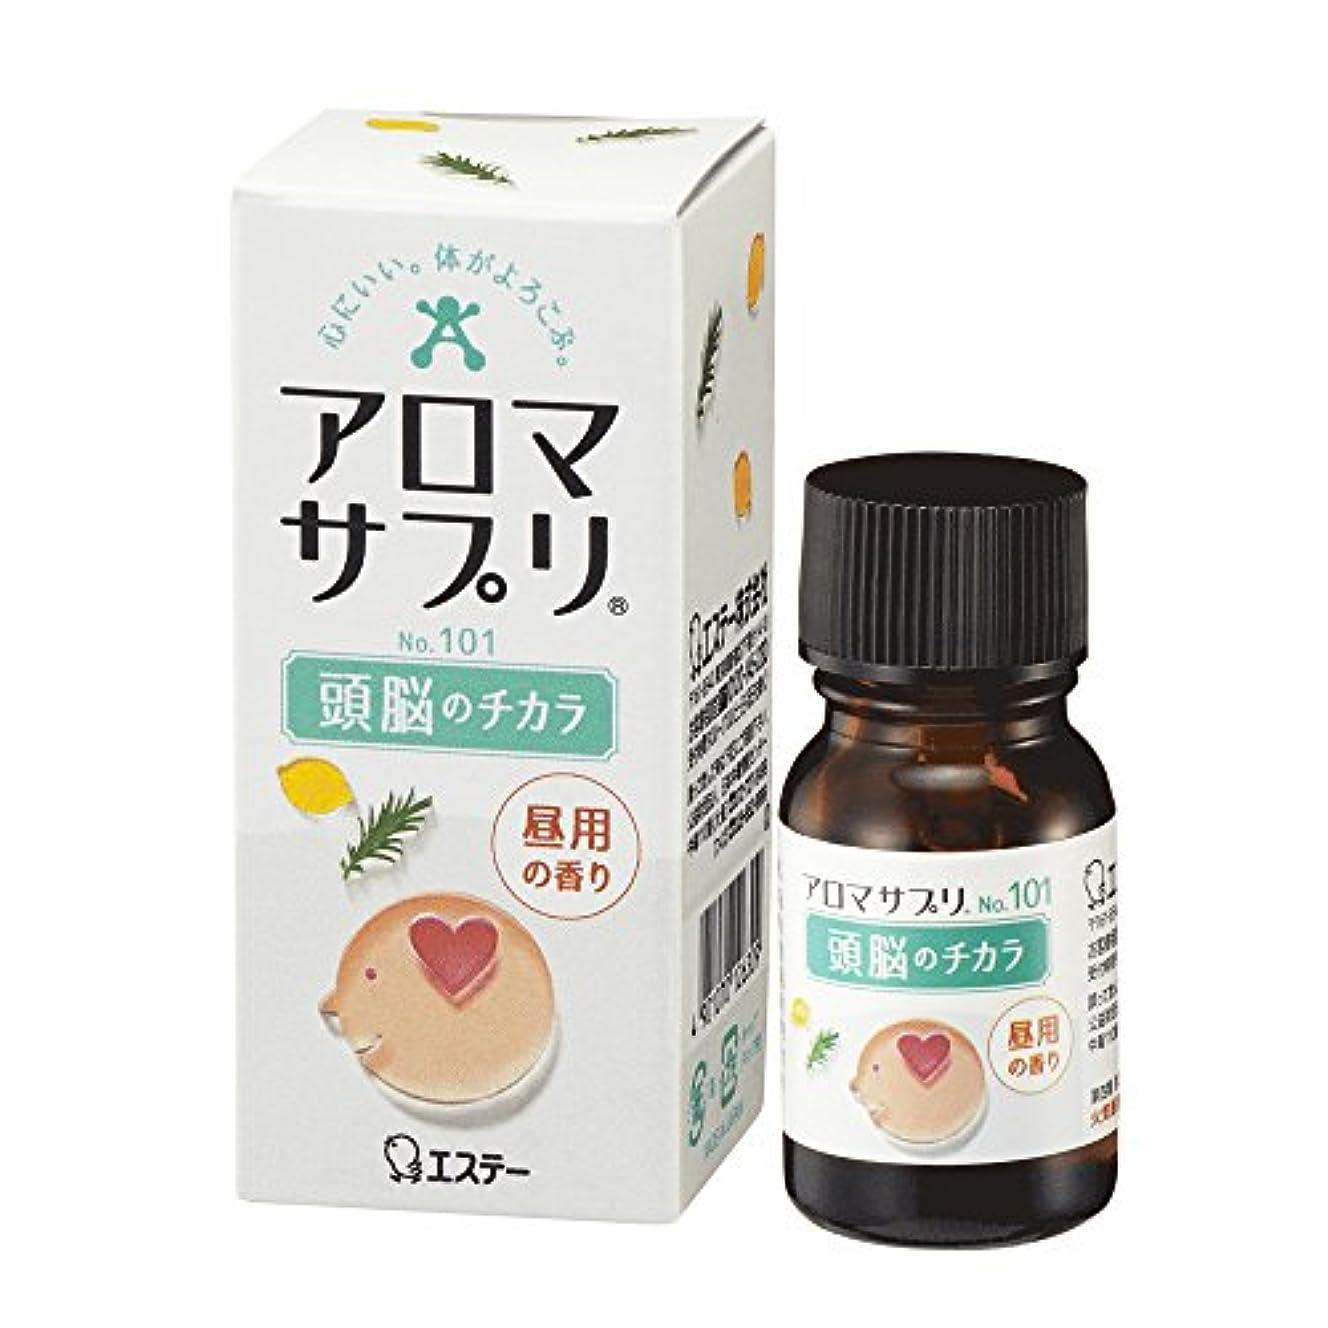 枯れるパースハリケーンアロマサプリ 100%天然ブレンドアロマ 頭脳のチカラ 昼用の香り ローズマリーカンファー&レモン 10ml (約60回分)